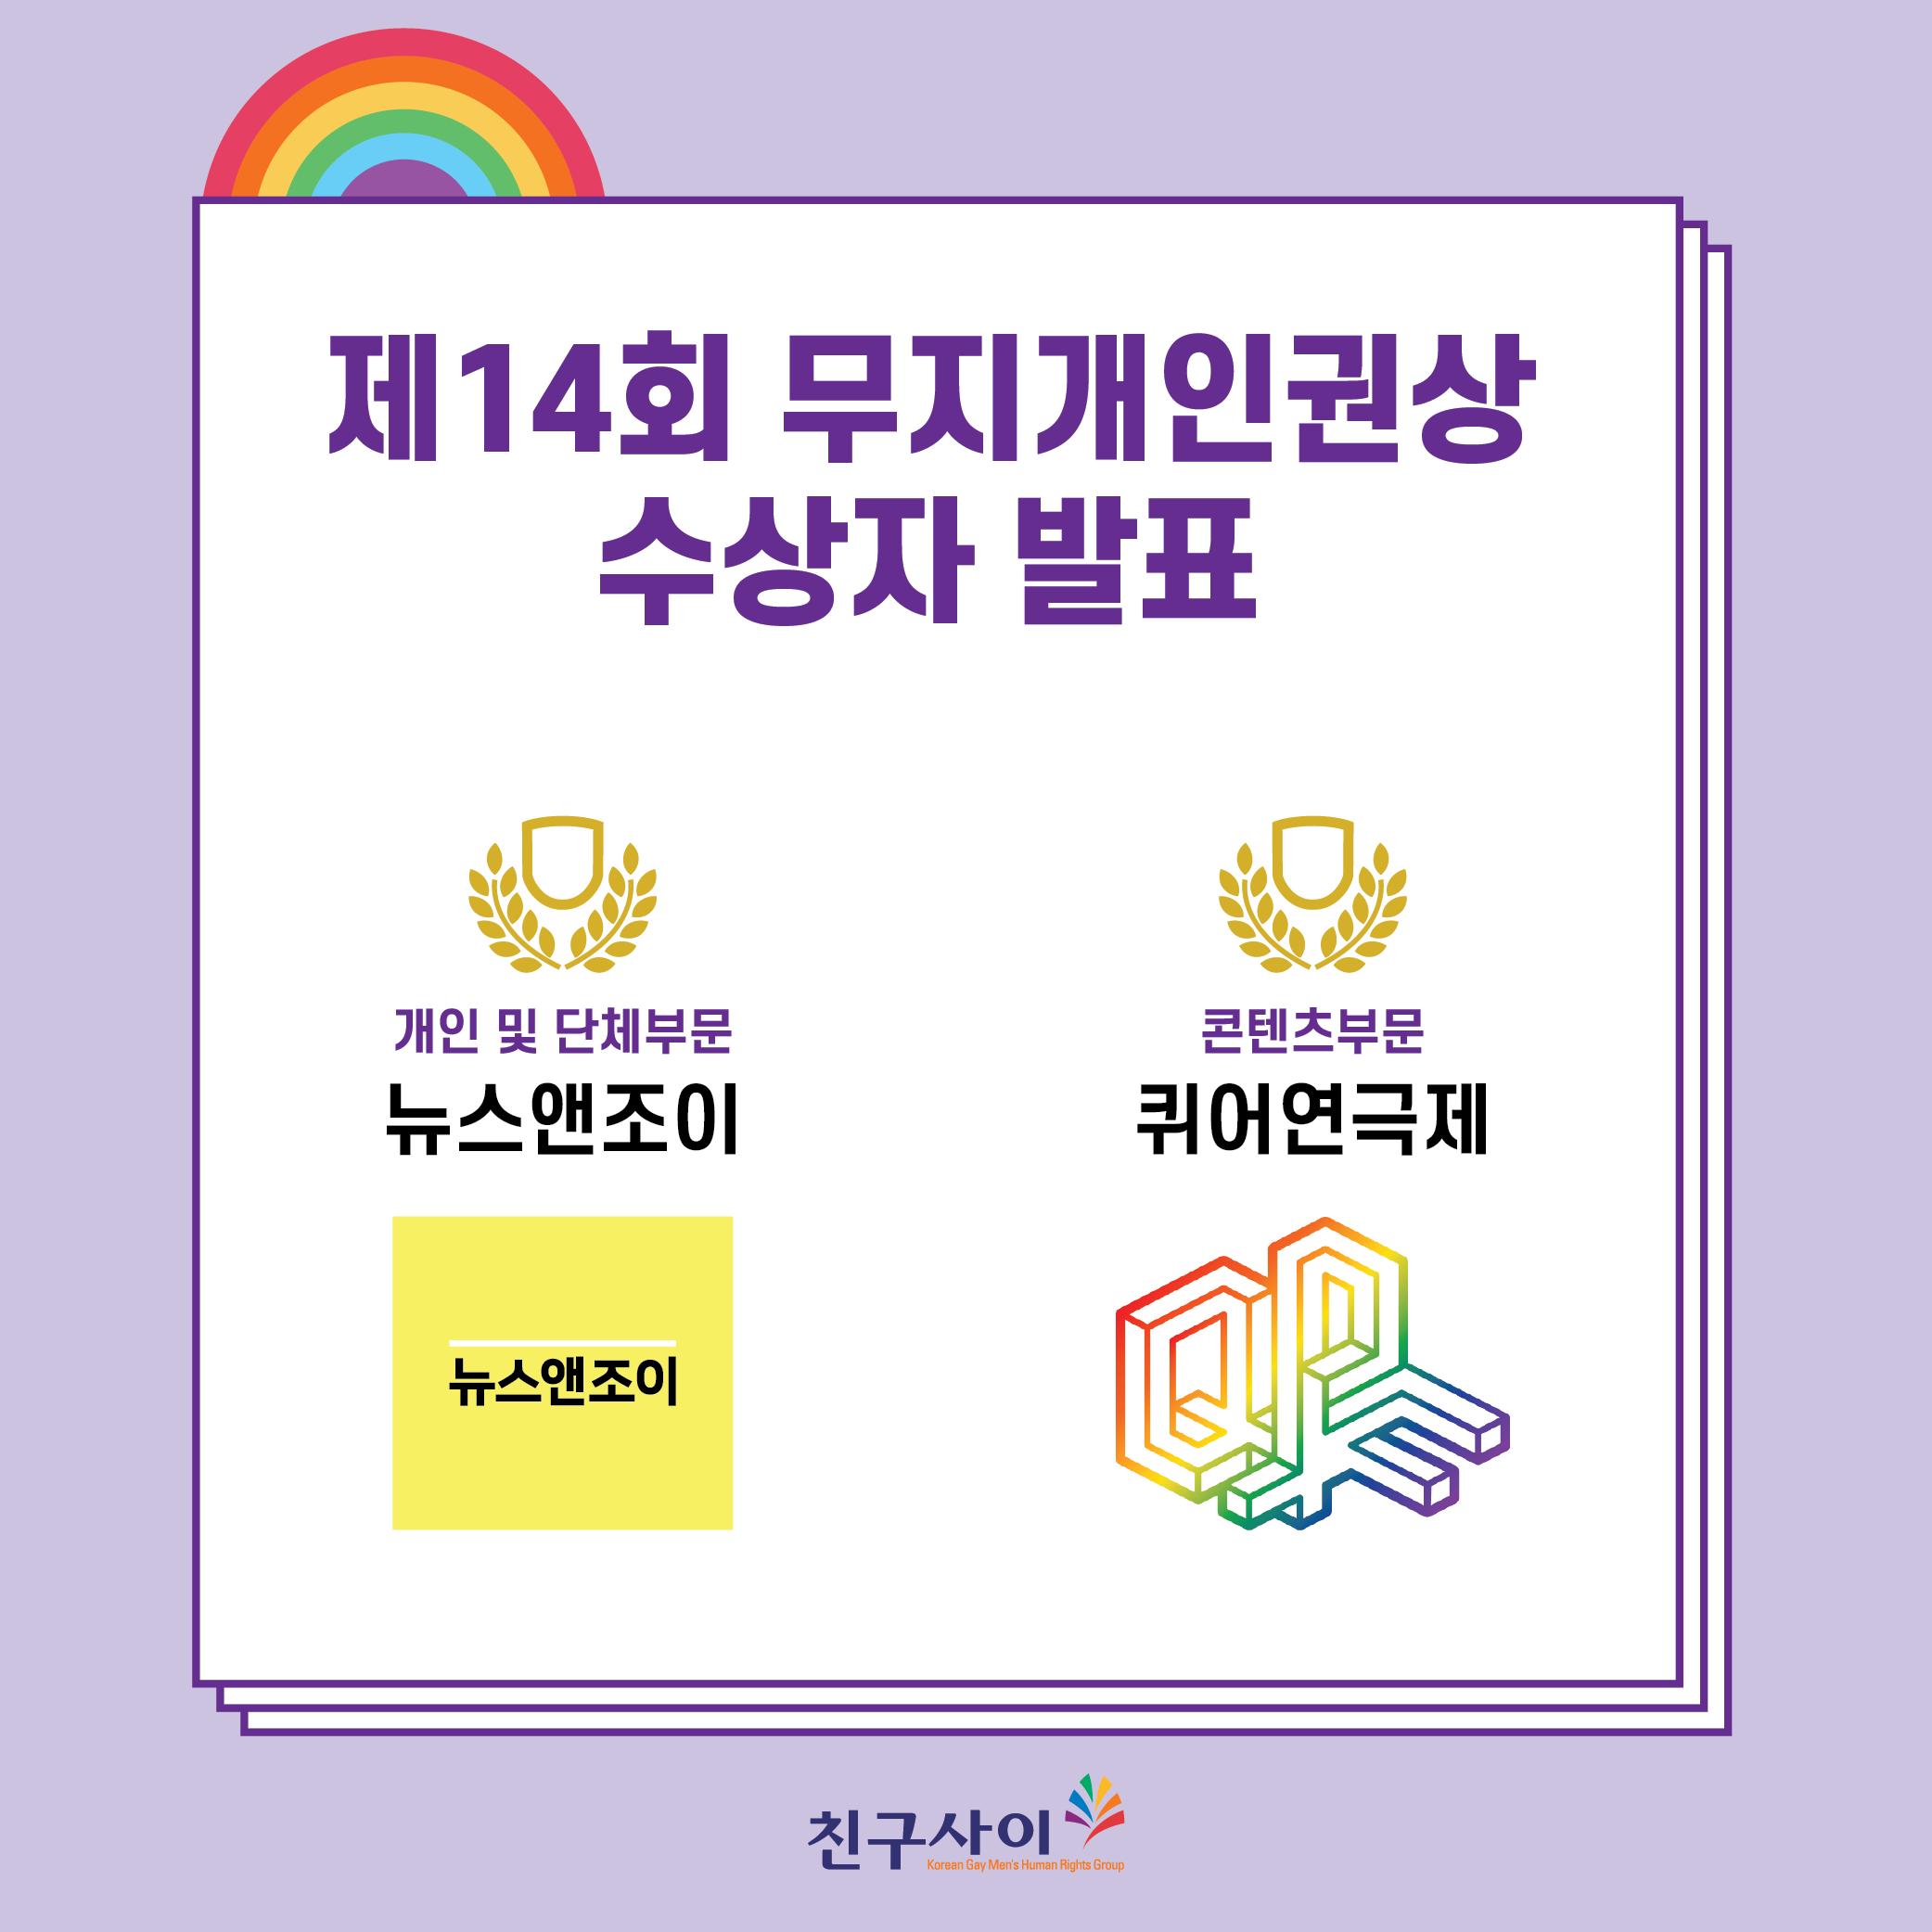 14회 무지개인권상 수상공고.png